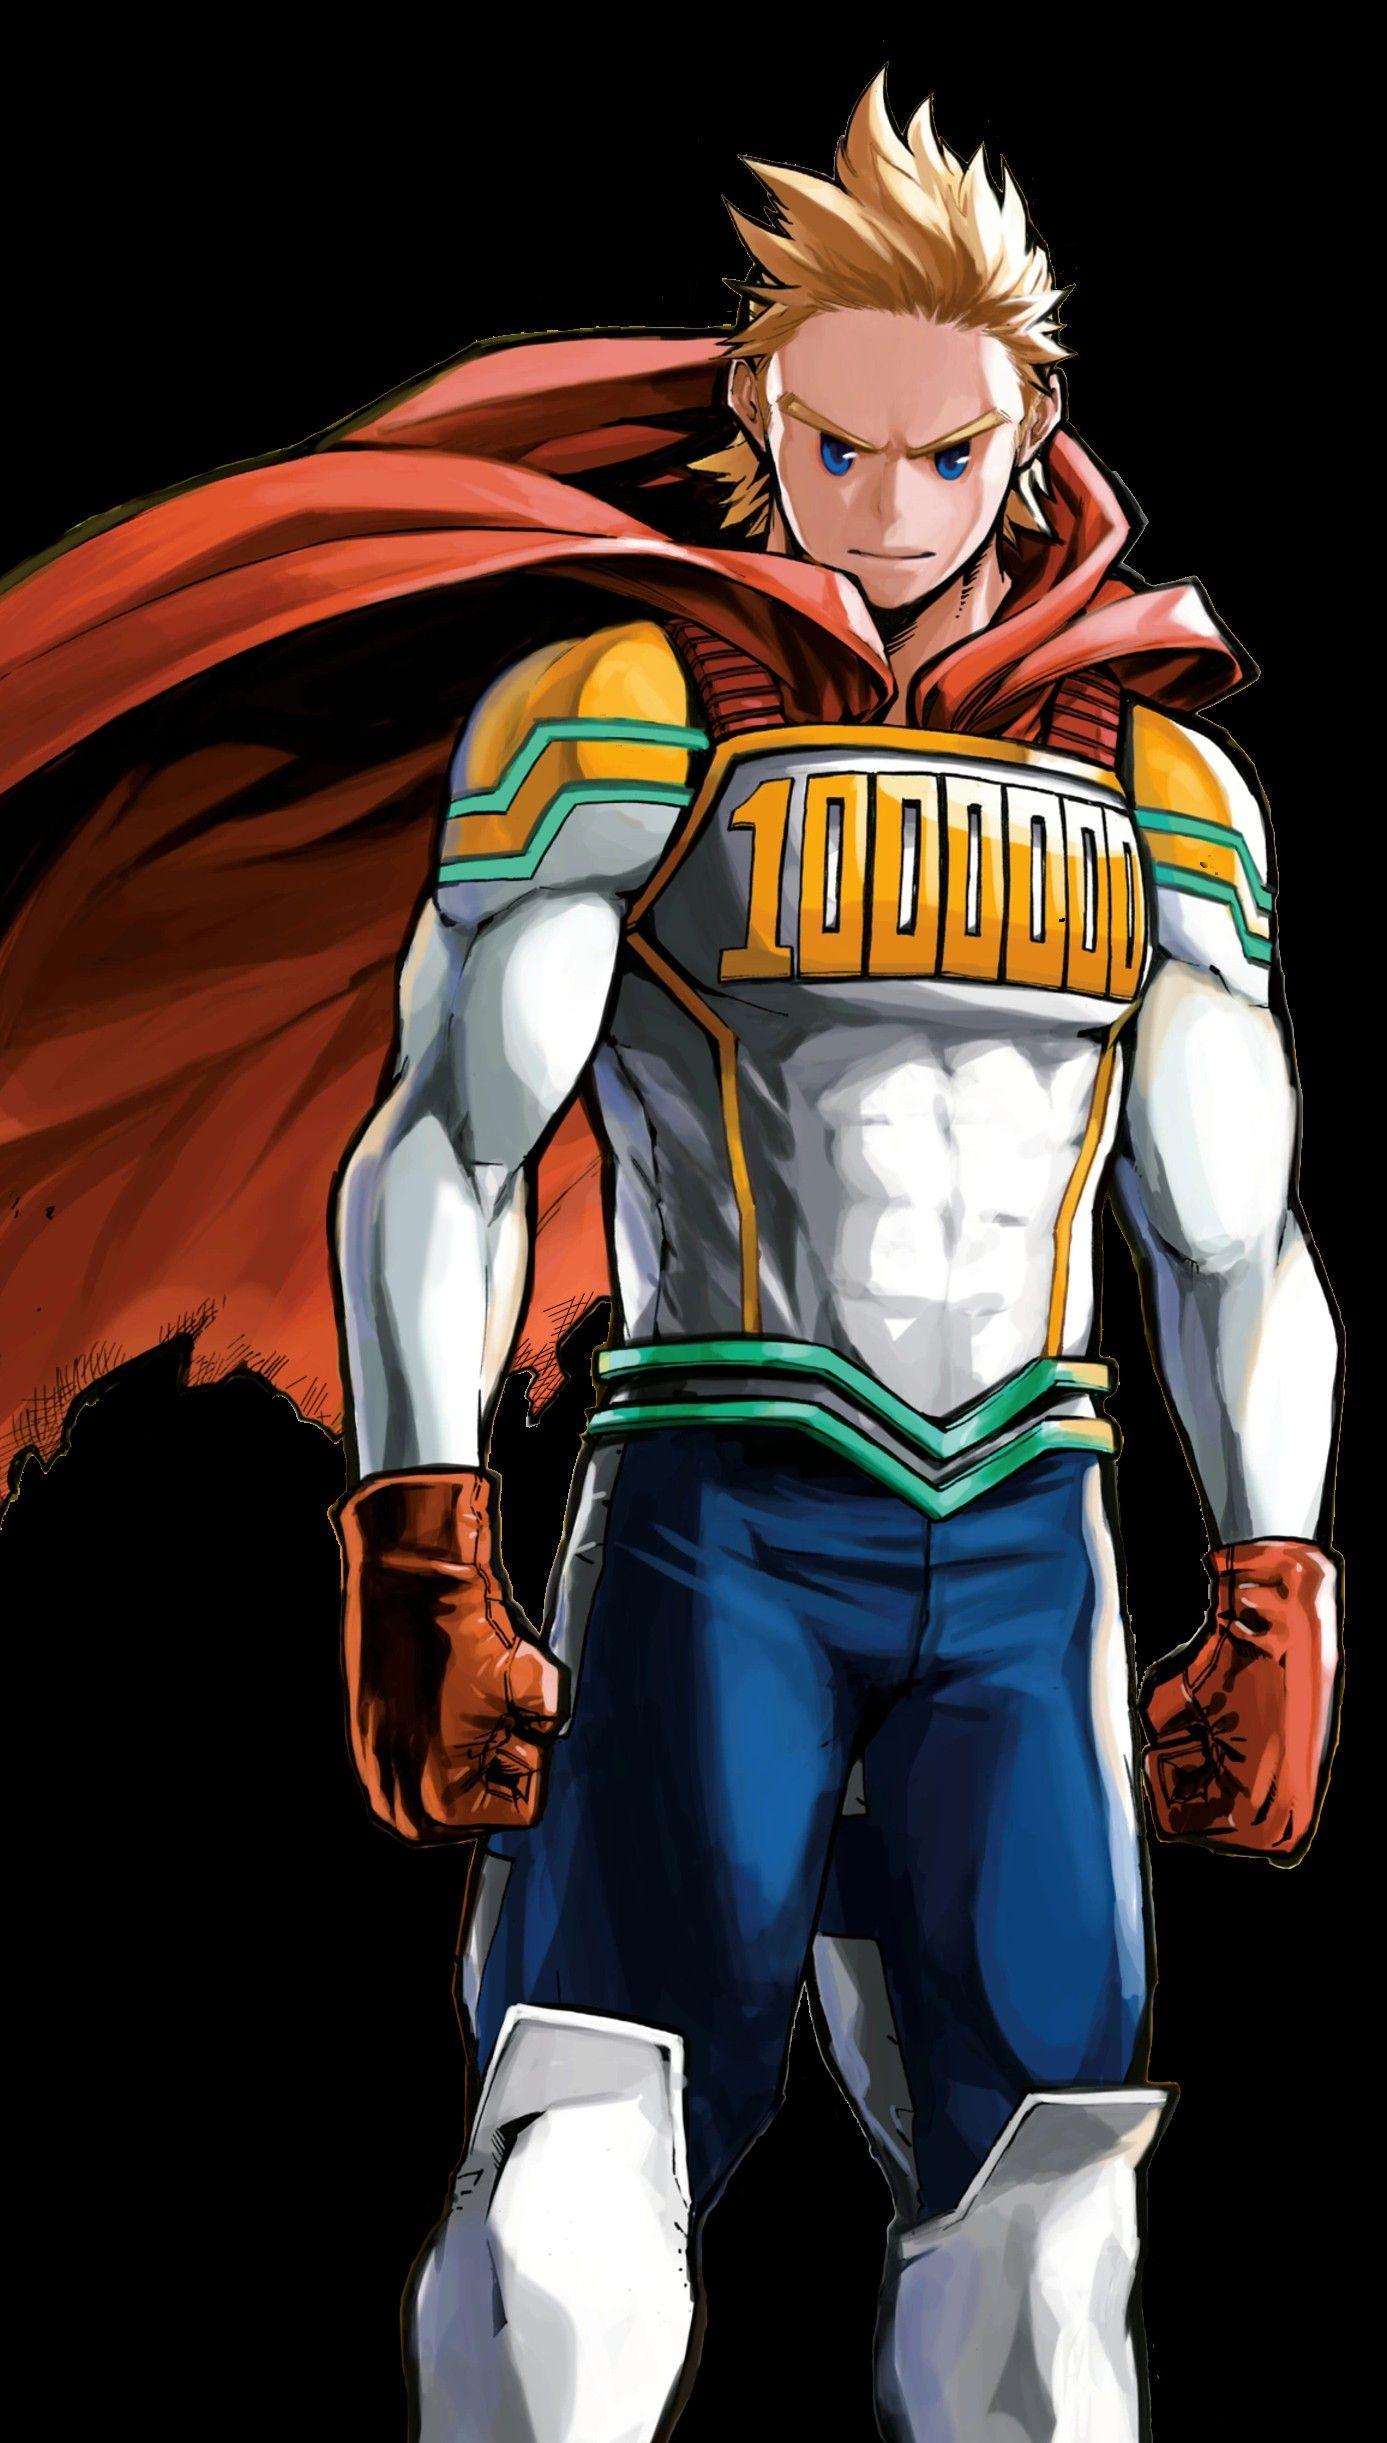 Mirio Togata Lemillion My Hero Academia Episodes Hero Wallpaper My Hero Academia Manga